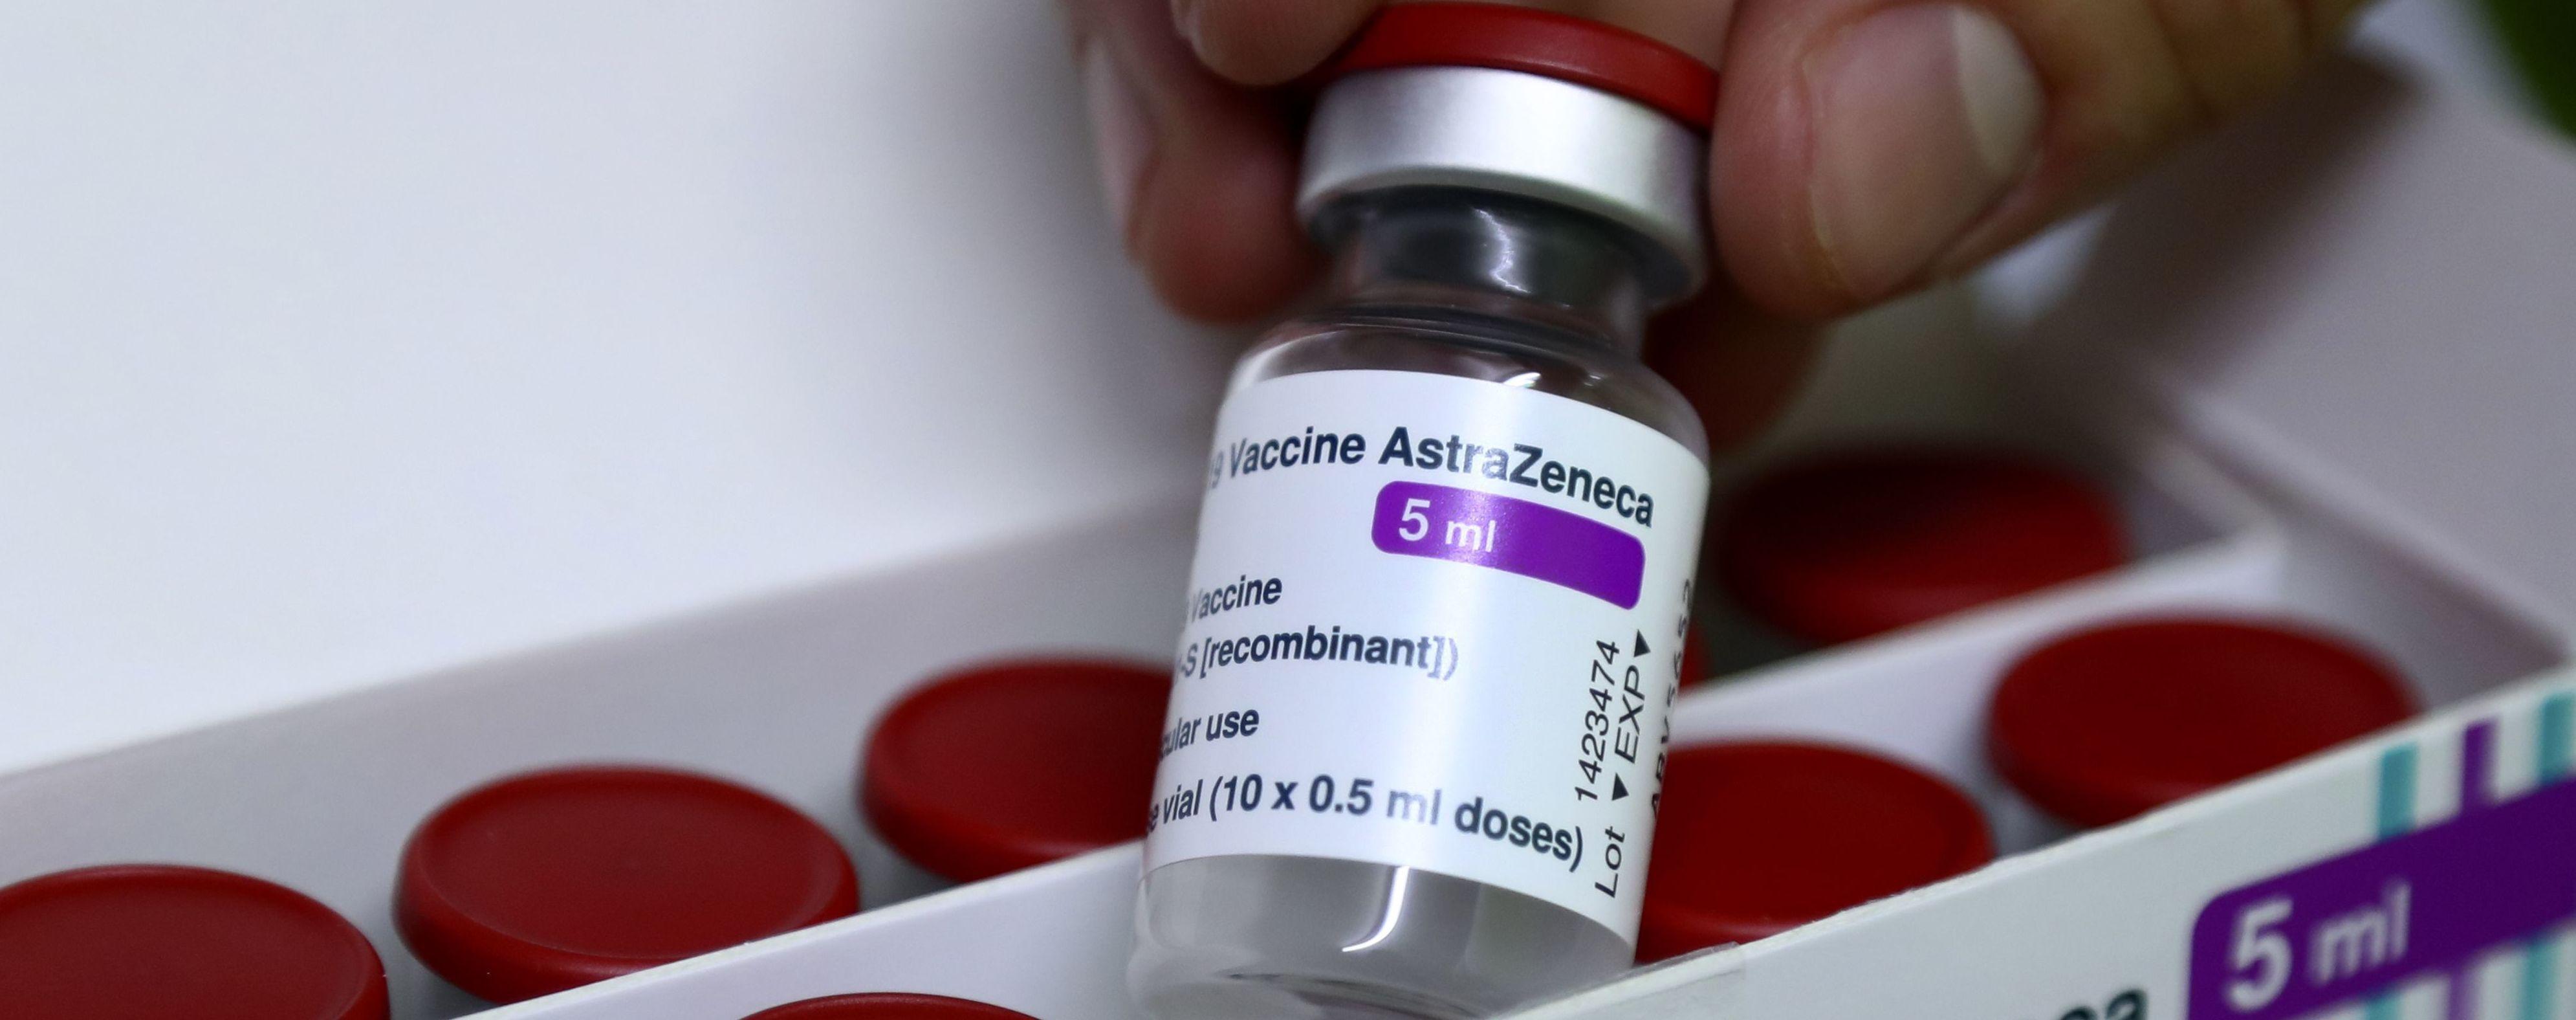 В Австралії померла жінка, яка нещодавно отримала щеплення вакциною AstraZeneca: які симптоми є тривожним дзвіночком